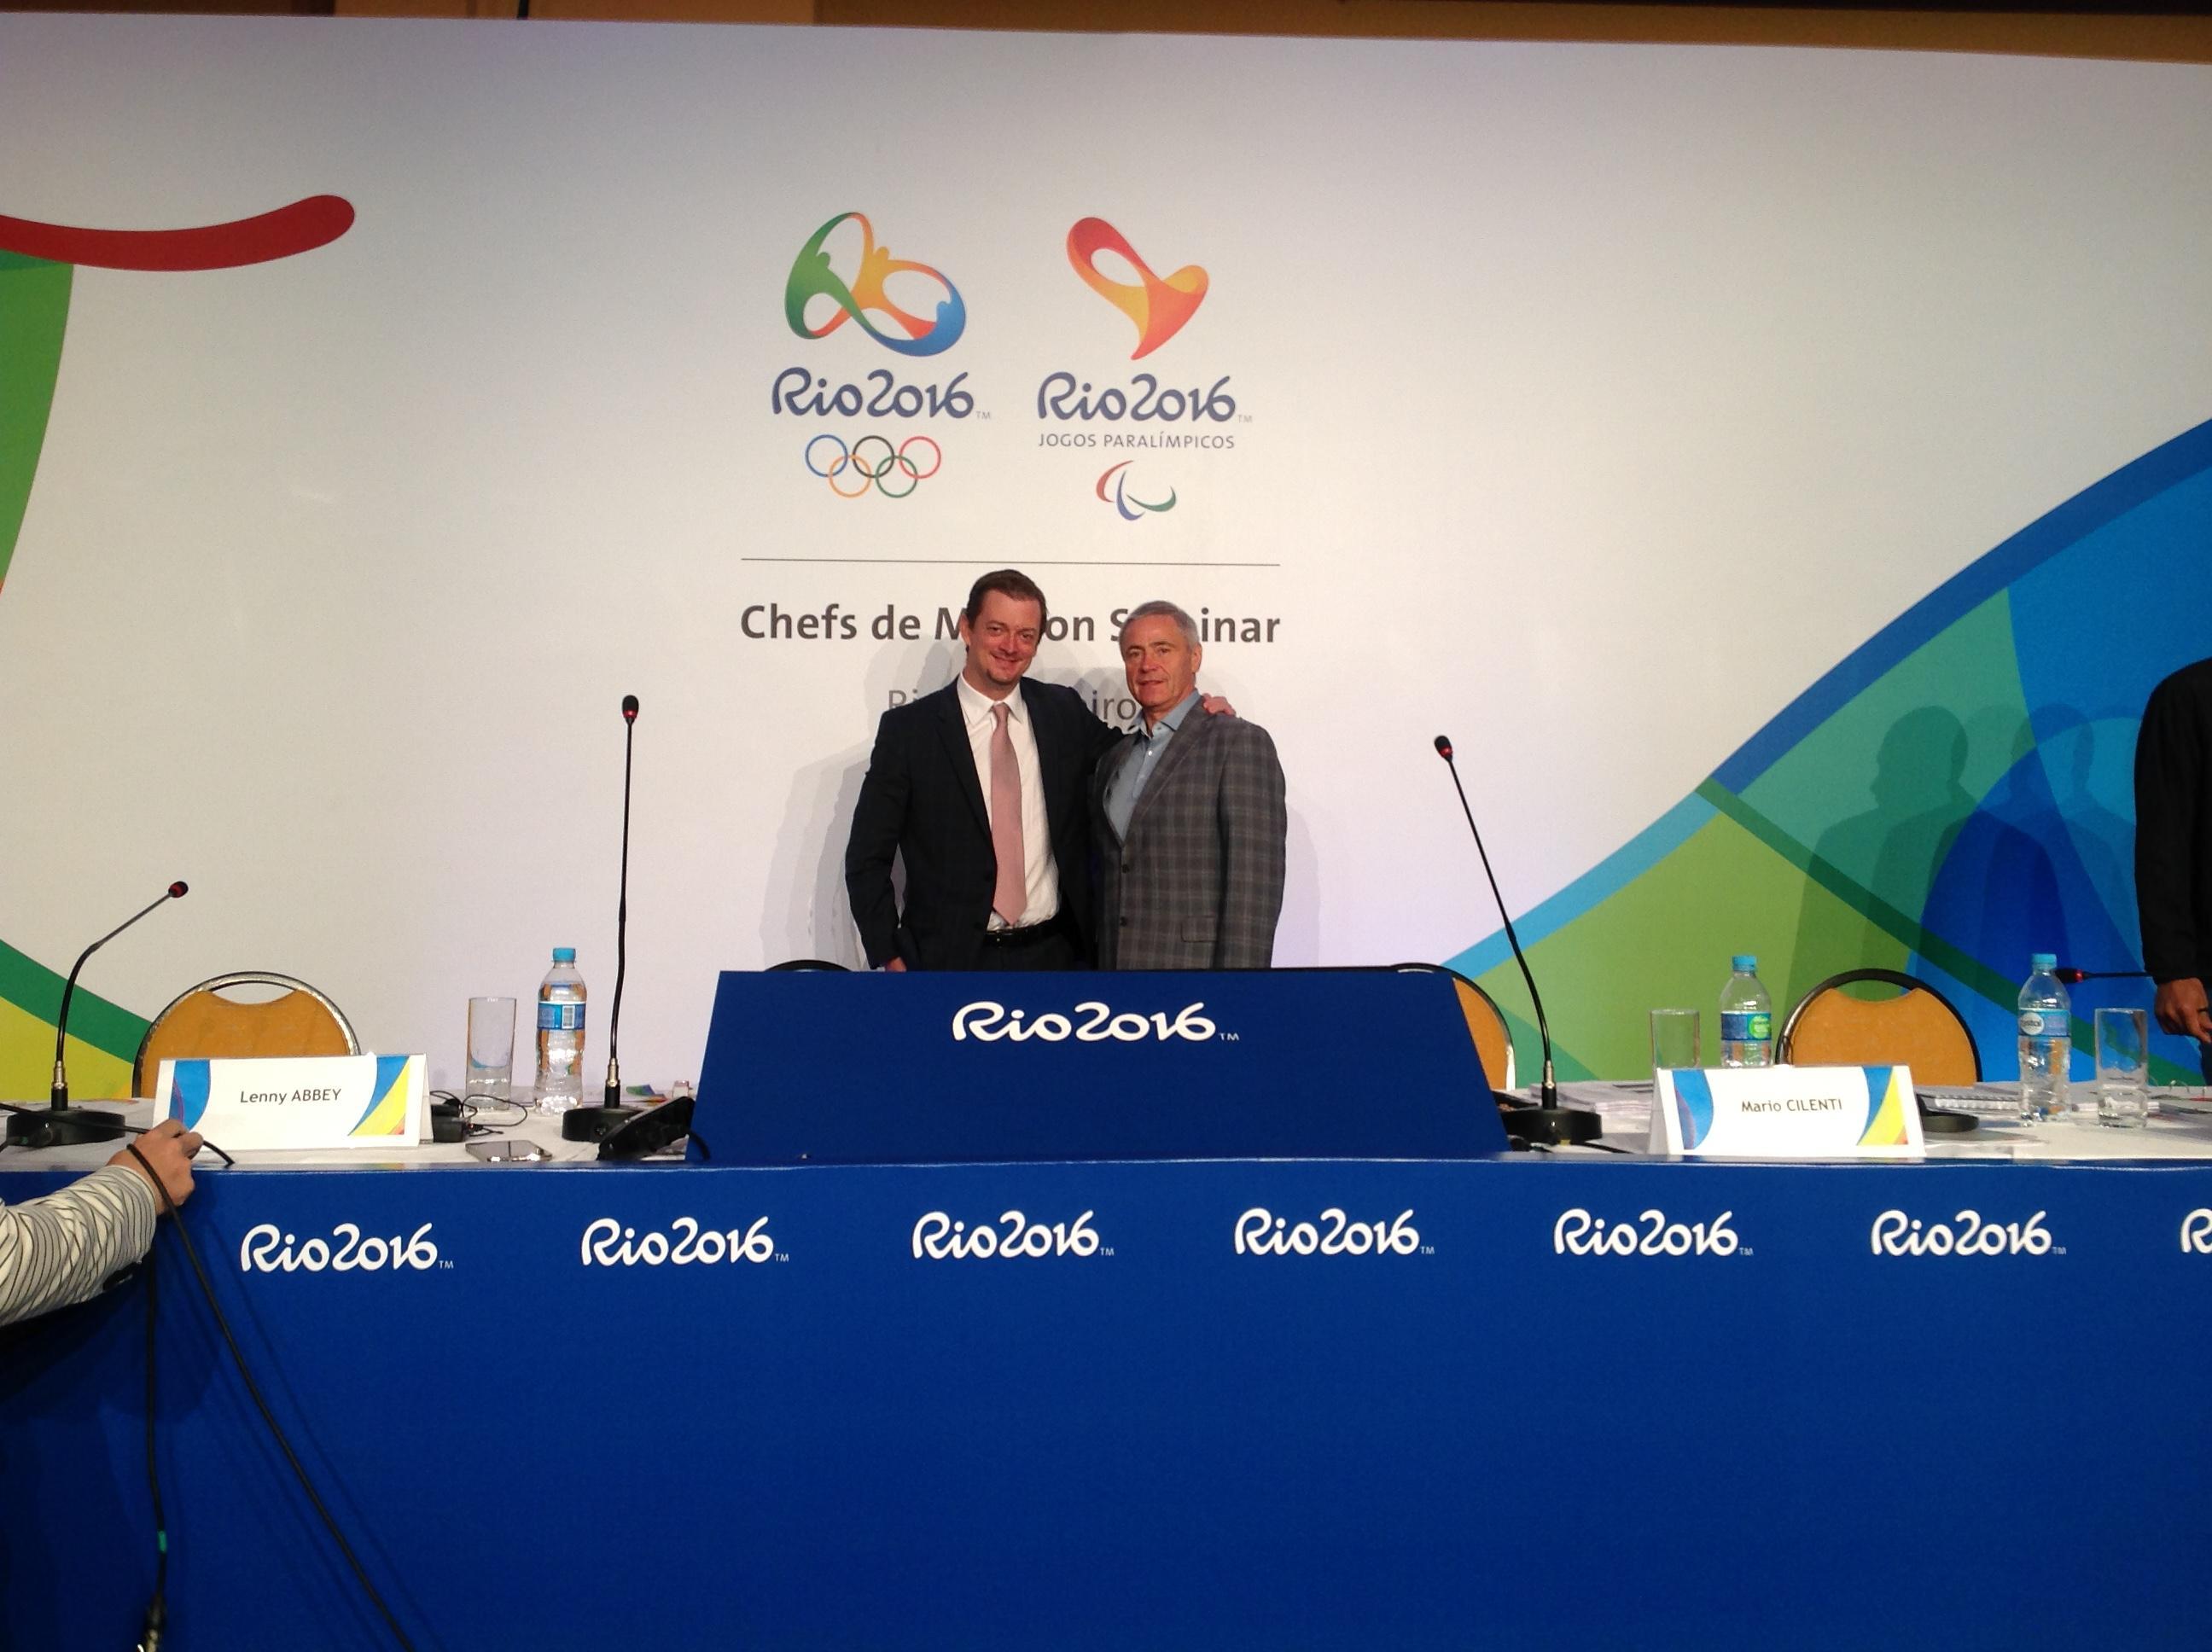 П.А. Рожков и вице-президент Международного паралимпийского комитета, президент Паралимпийского комитета Бразилии Эндрю Парсонс в г. Рио-де-Жанейро обсудили вопросы совместной работы по развитию паралимпийского спорта в России и Бразилии